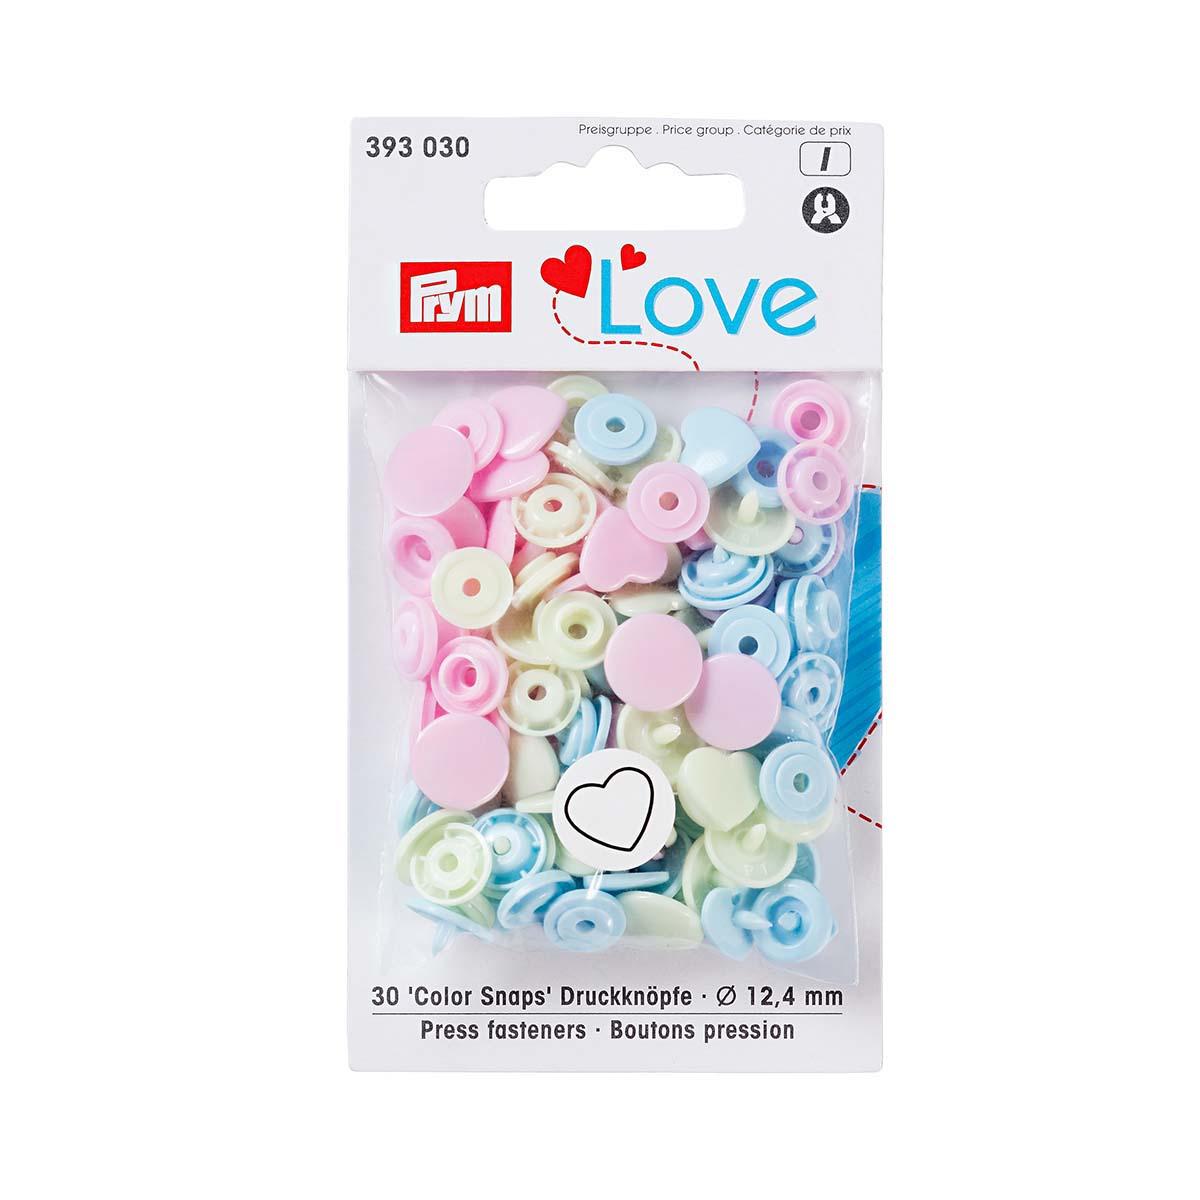 393030 PrymLove Кнопки Color Snaps сердце 12,4мм розовый/зеленый, пастельный/синий, светлый 30 штук Prym